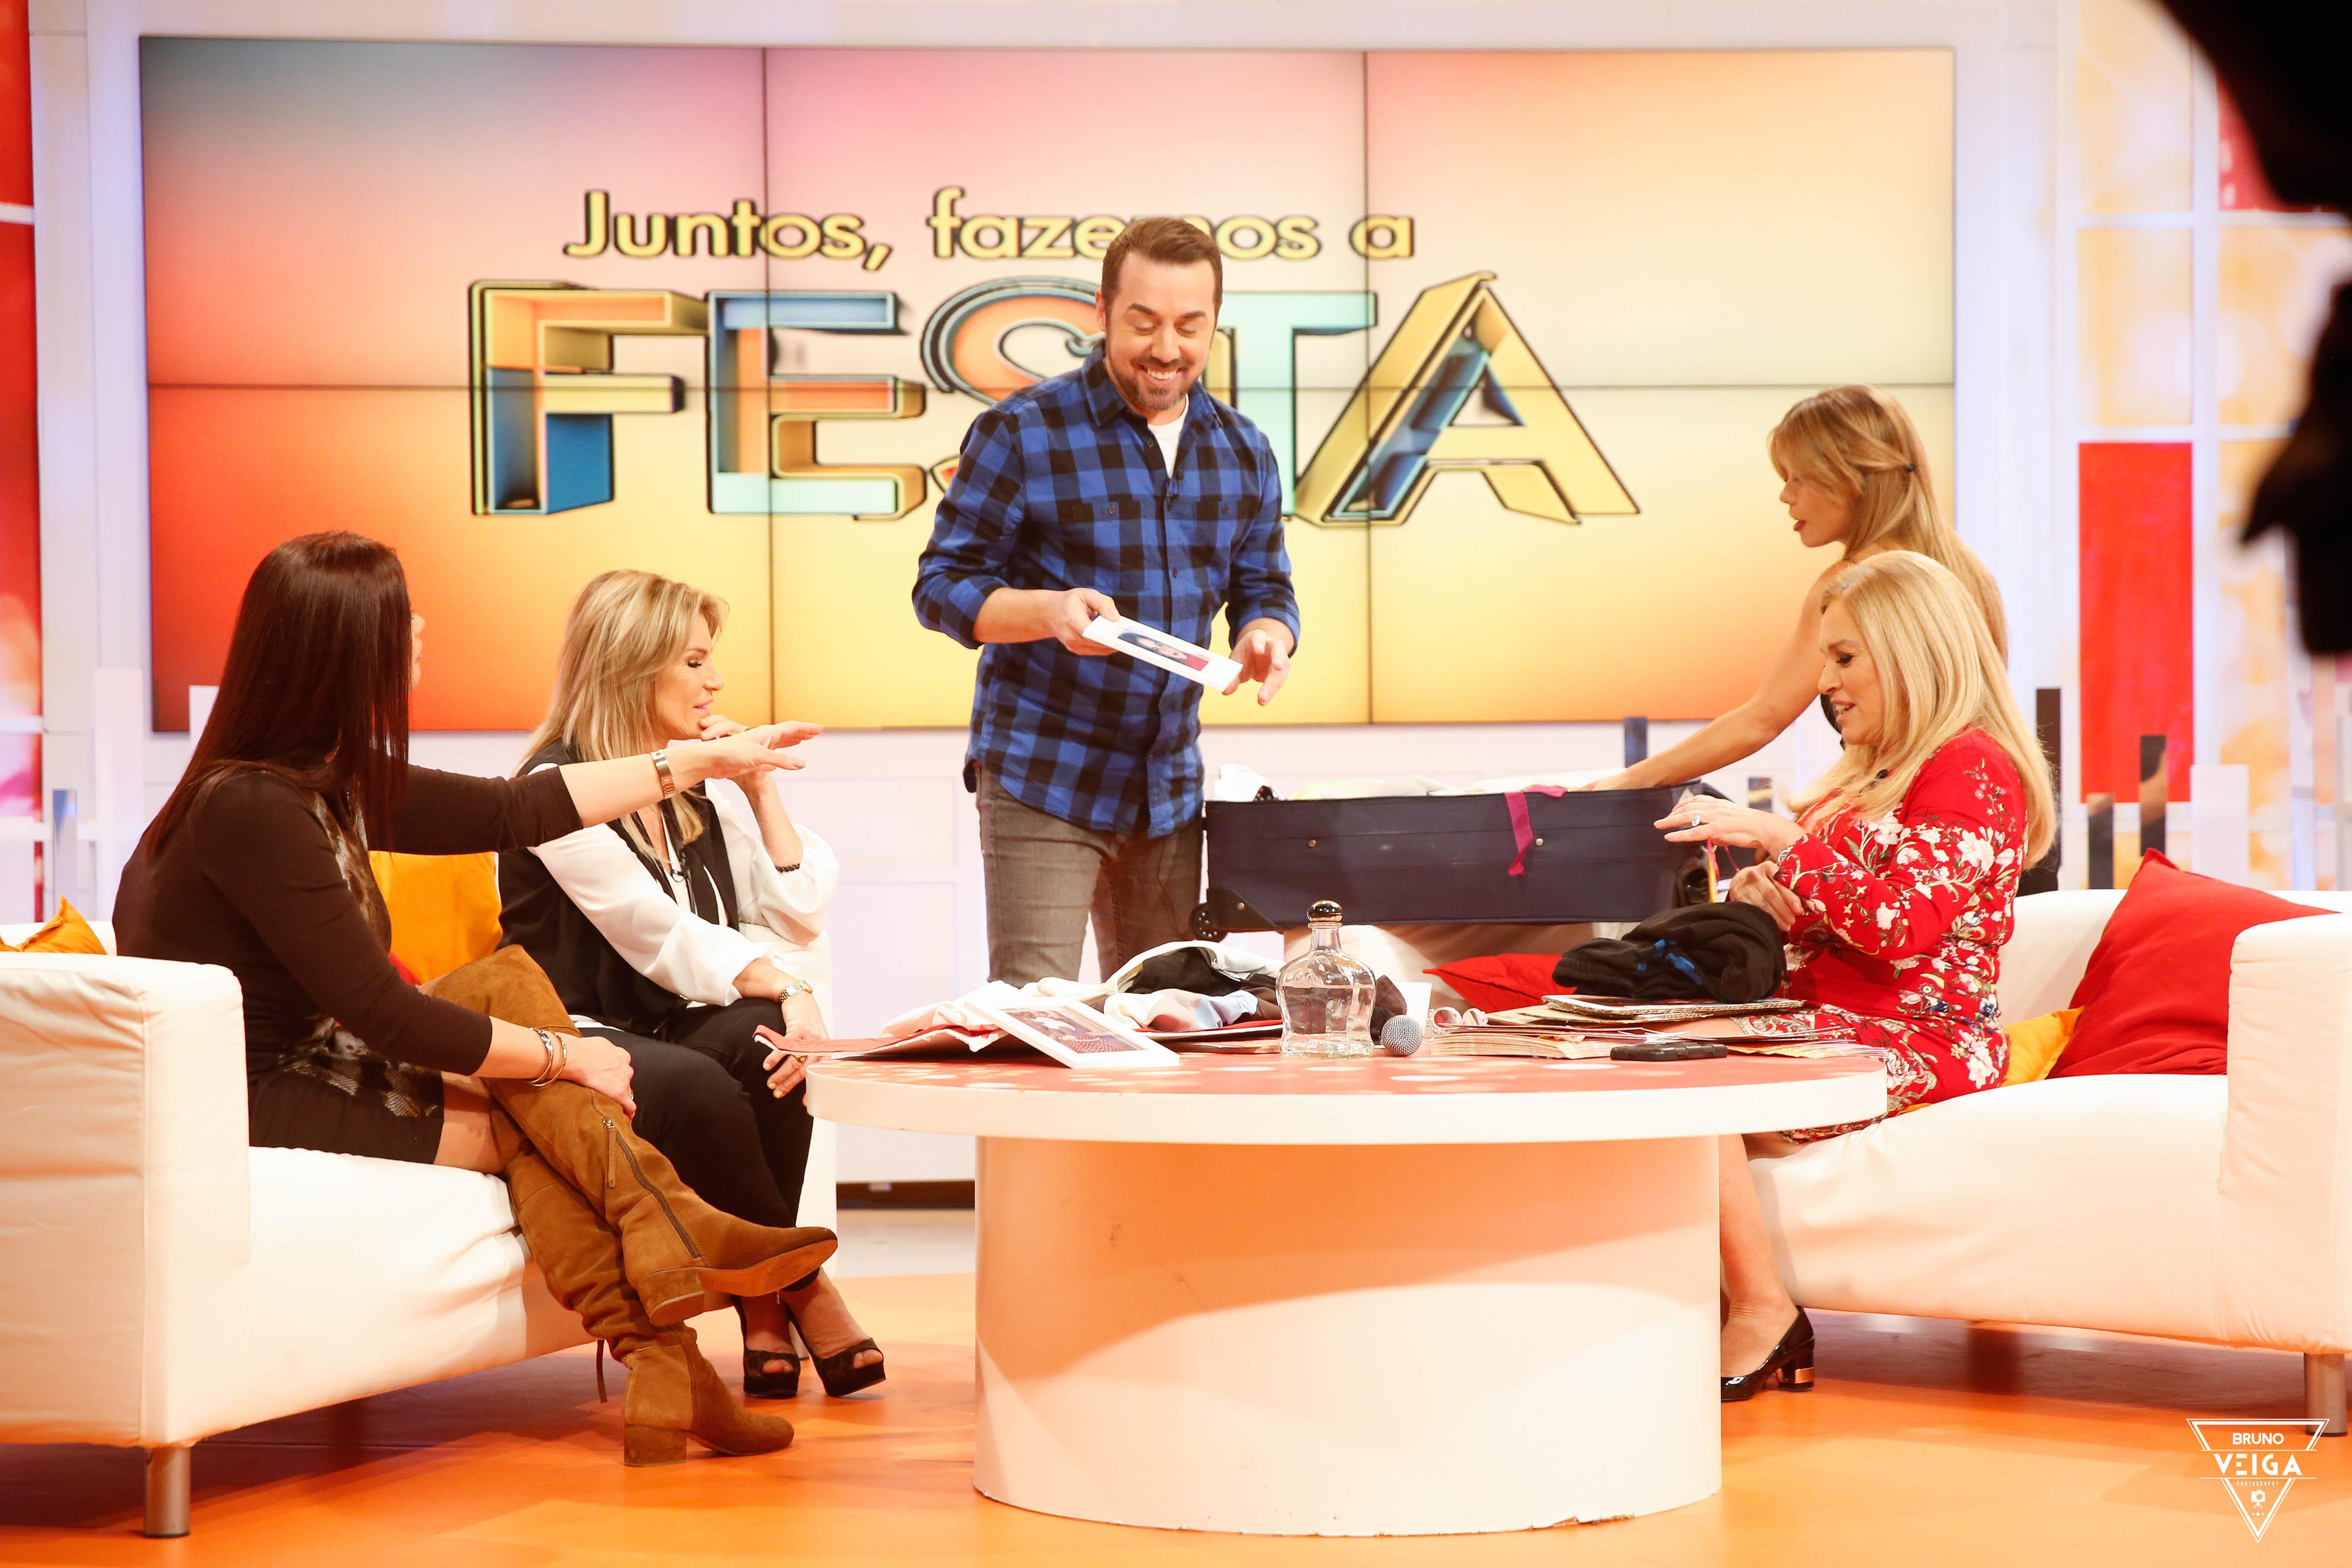 Teresa Guilherme nos bastidores da televisão - a conversar com a Cinha Jardim, o Flávio Furtadom a Gisela Serrano e a minha doce Belinha